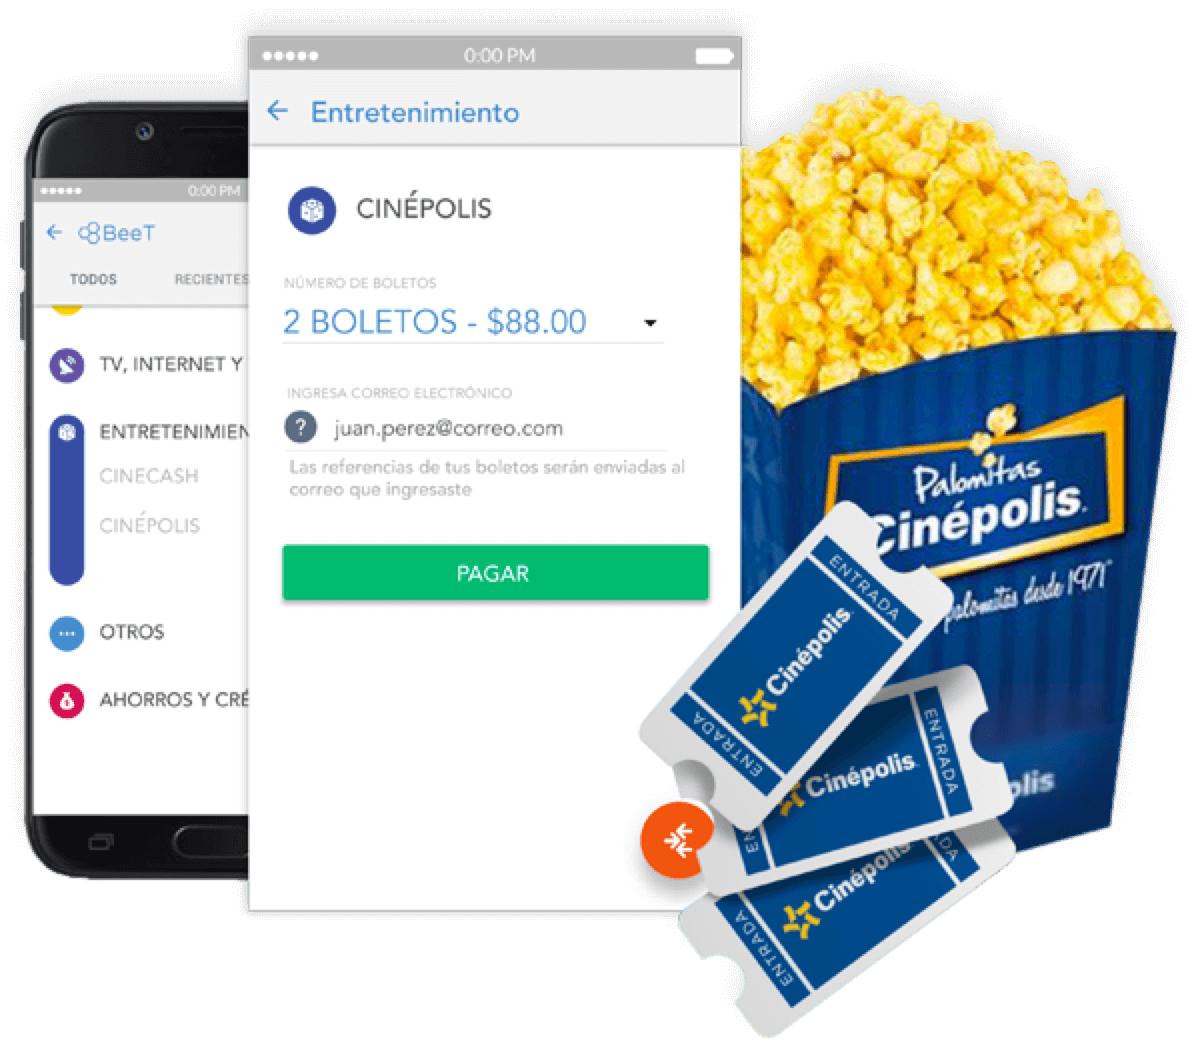 Cinepolis: Paga con transfer y obtén boleto de lunes a domingo a precio especial.